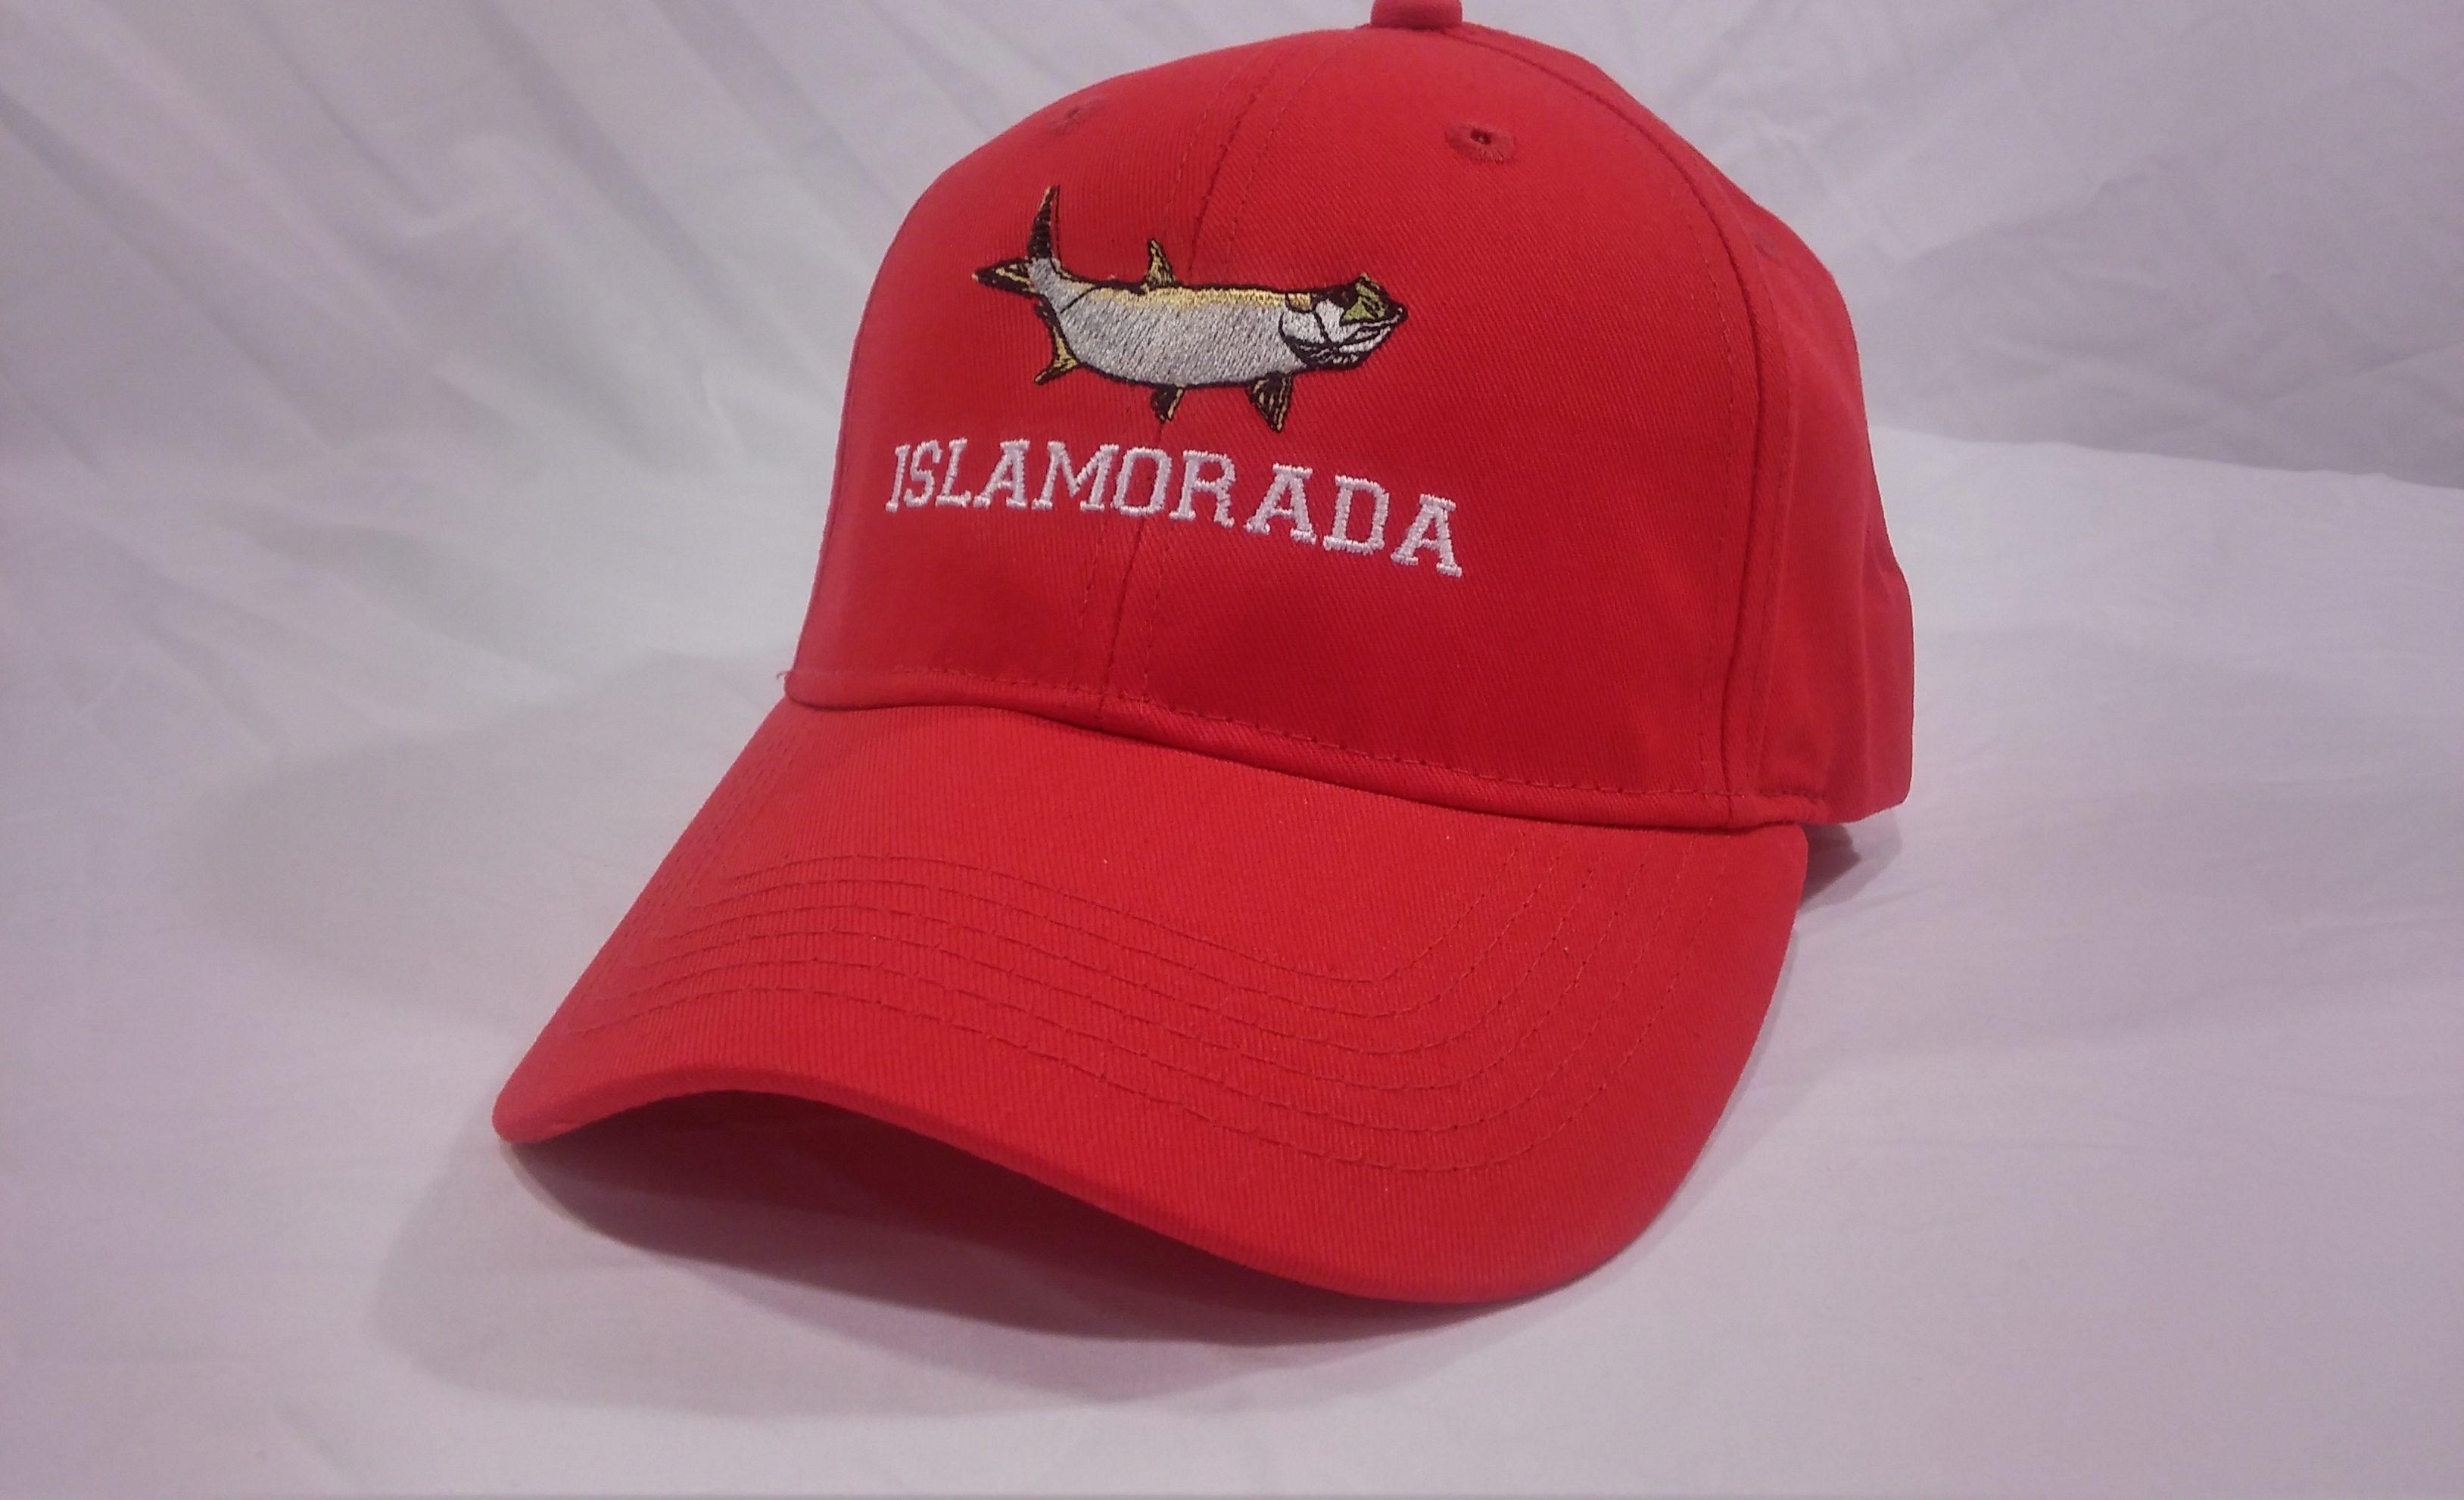 Islamorada Mexican Restaurants 3